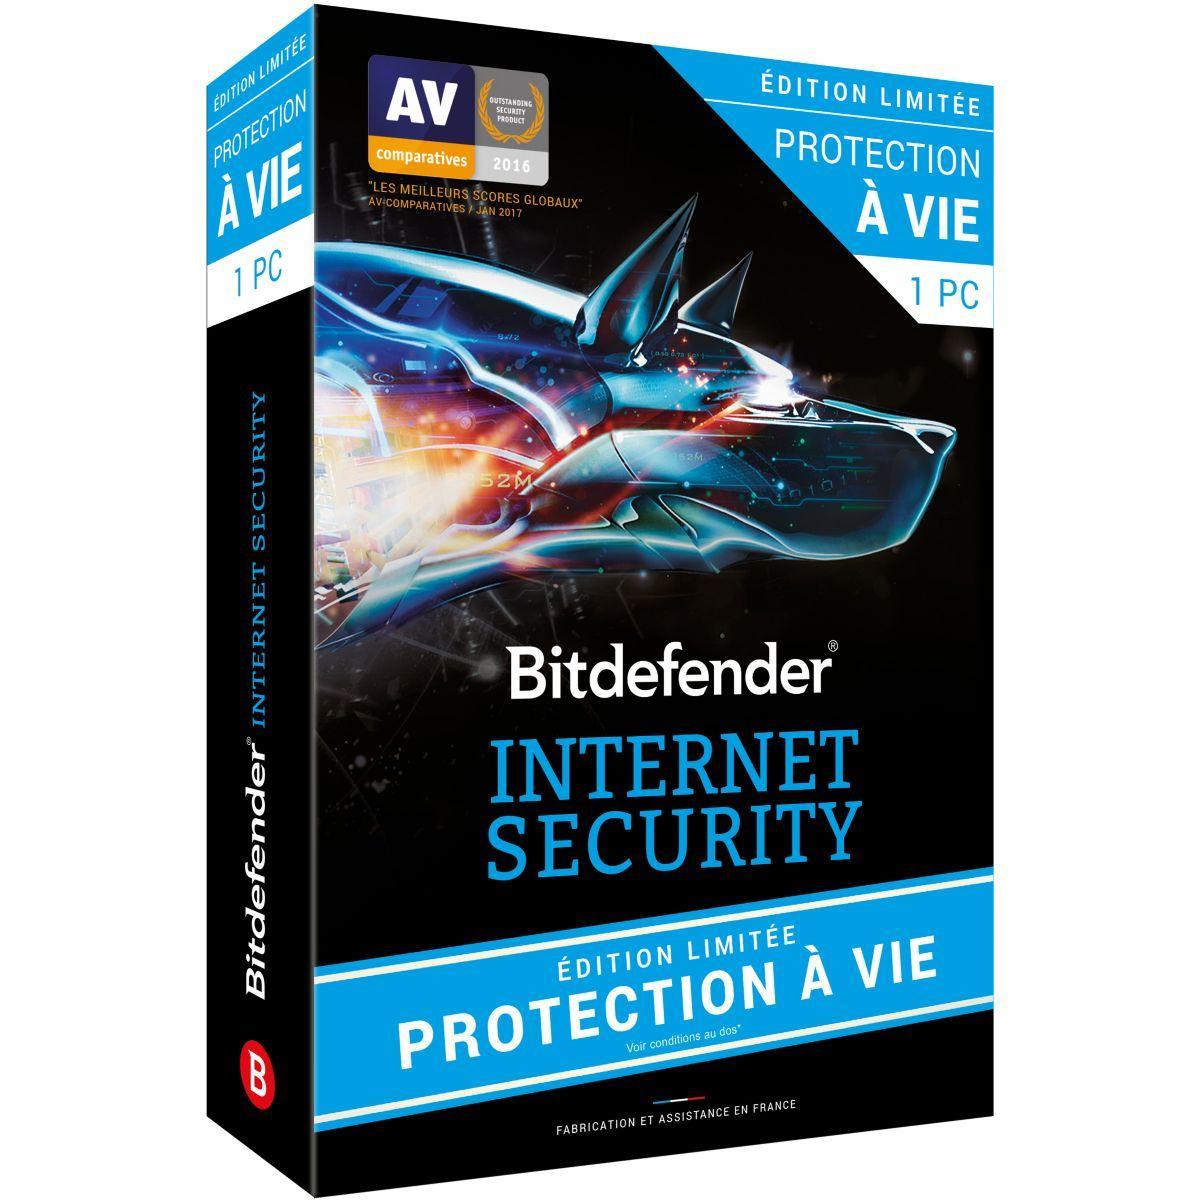 Logiciel pc bitdefender internet security lic - livraison offerte avec le code nouveaute (photo)